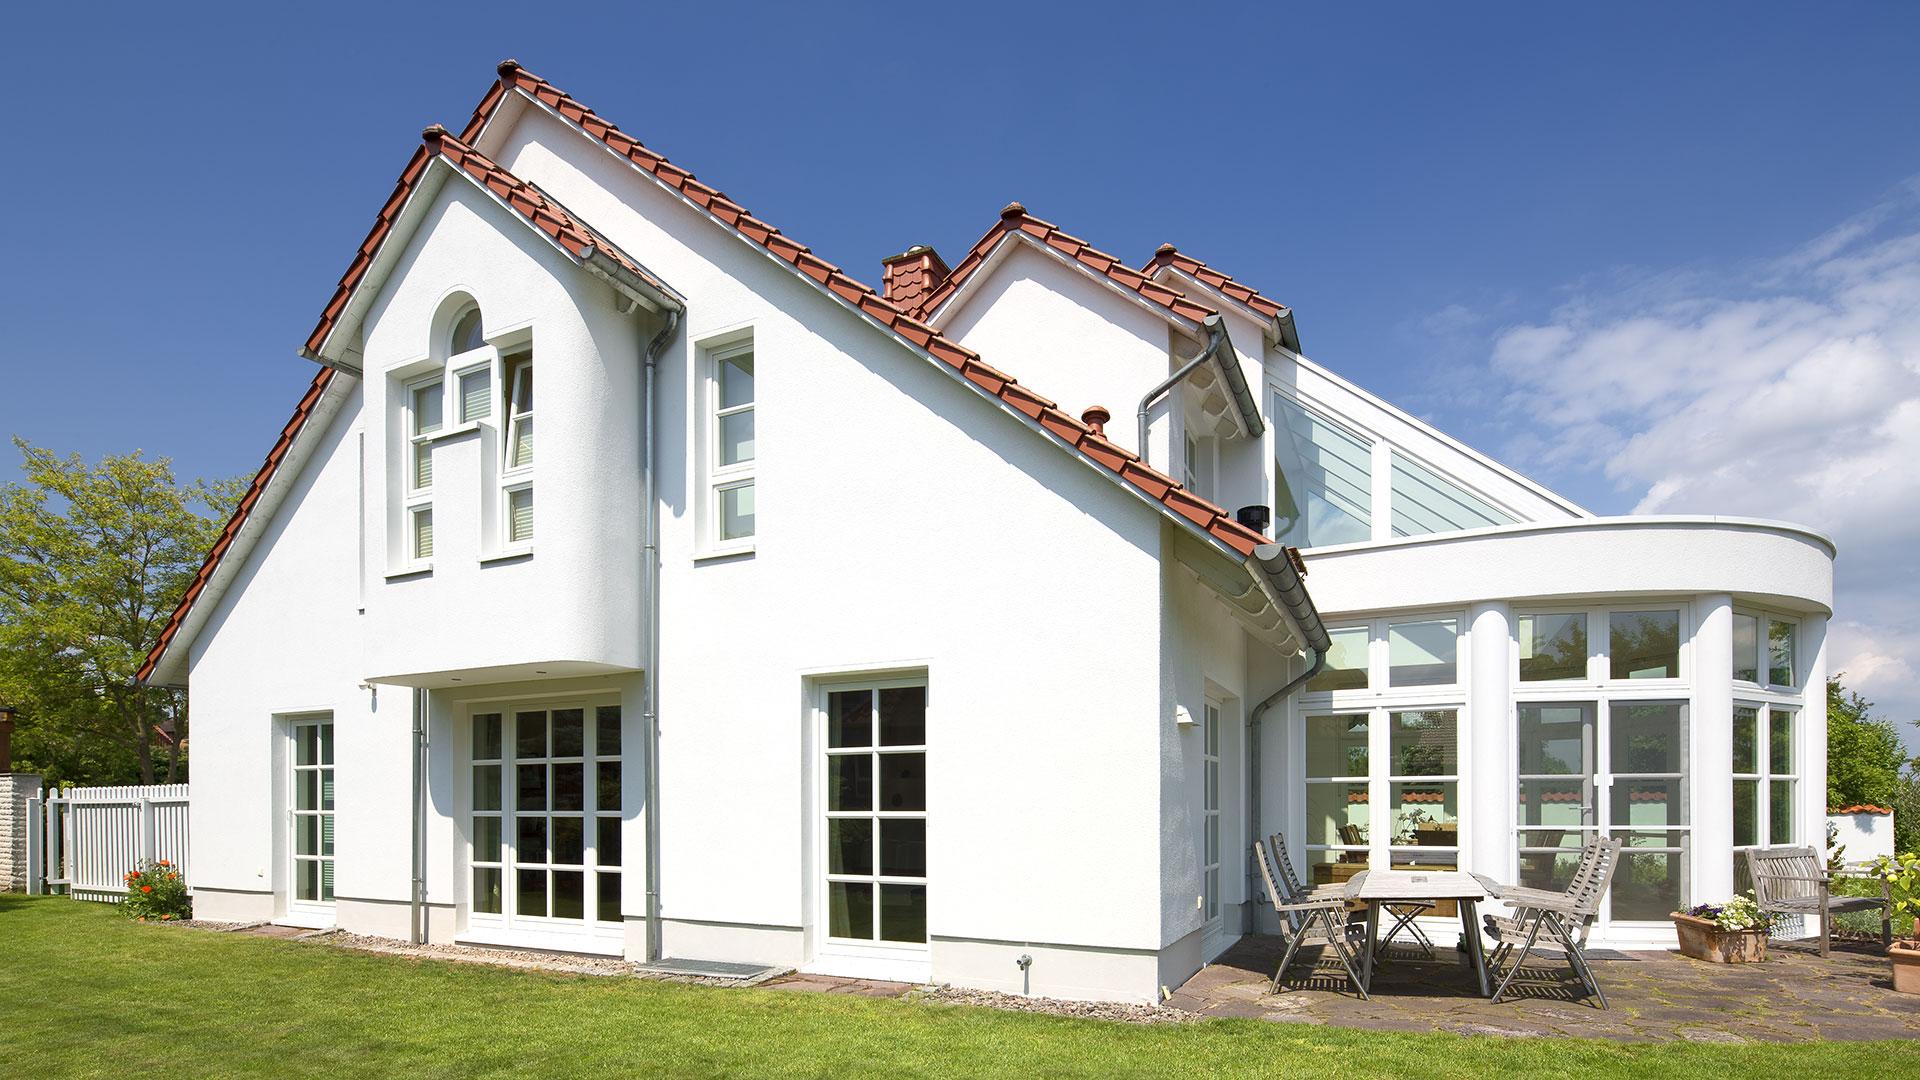 Architekturfotografie: Wohnhaus | Foto: Dieter Eikenberg, imprints